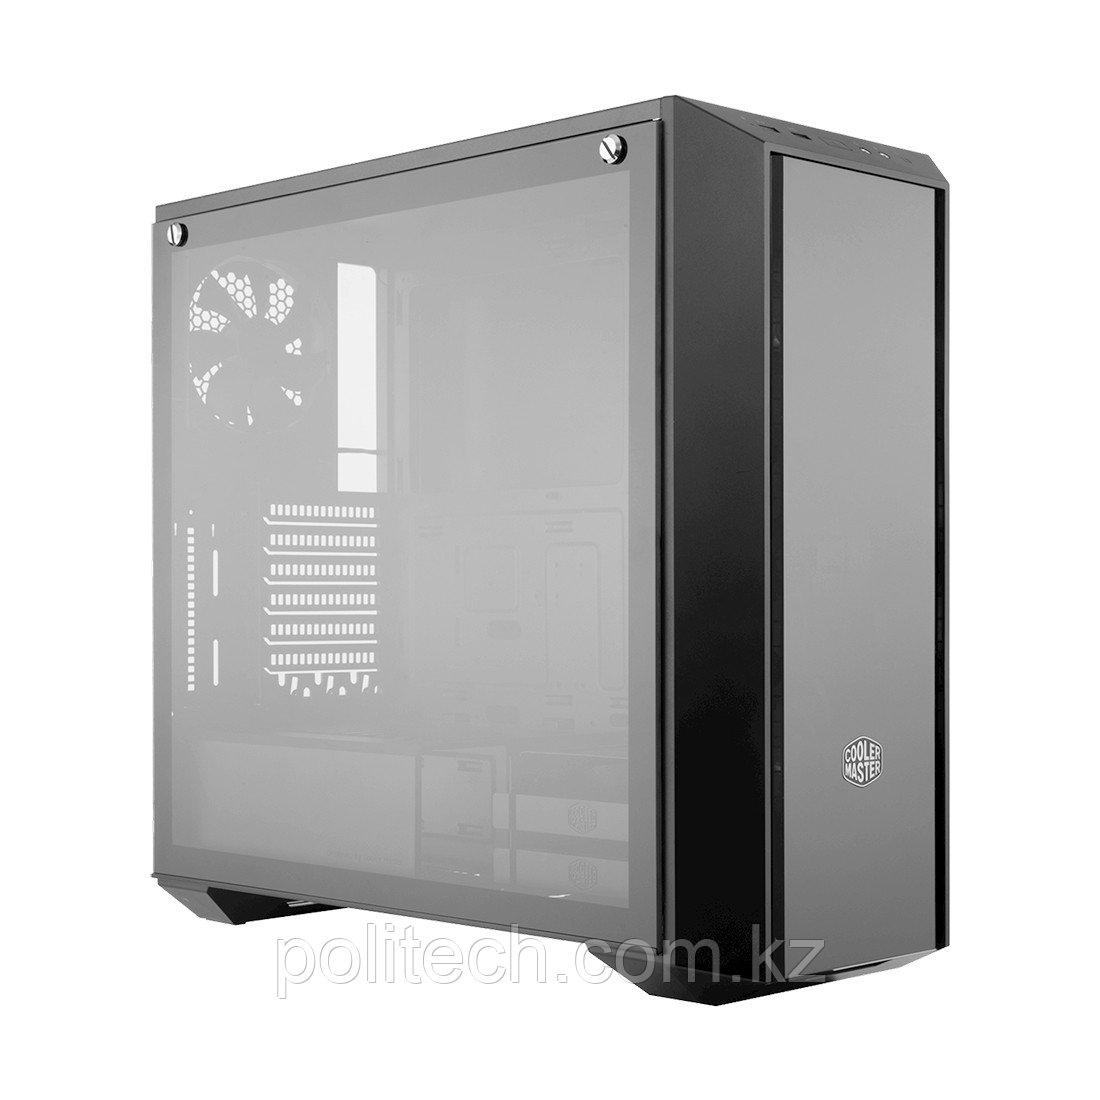 Компьютерный корпус Cooler Master MasterBox Pro 5 RGB без Б/П